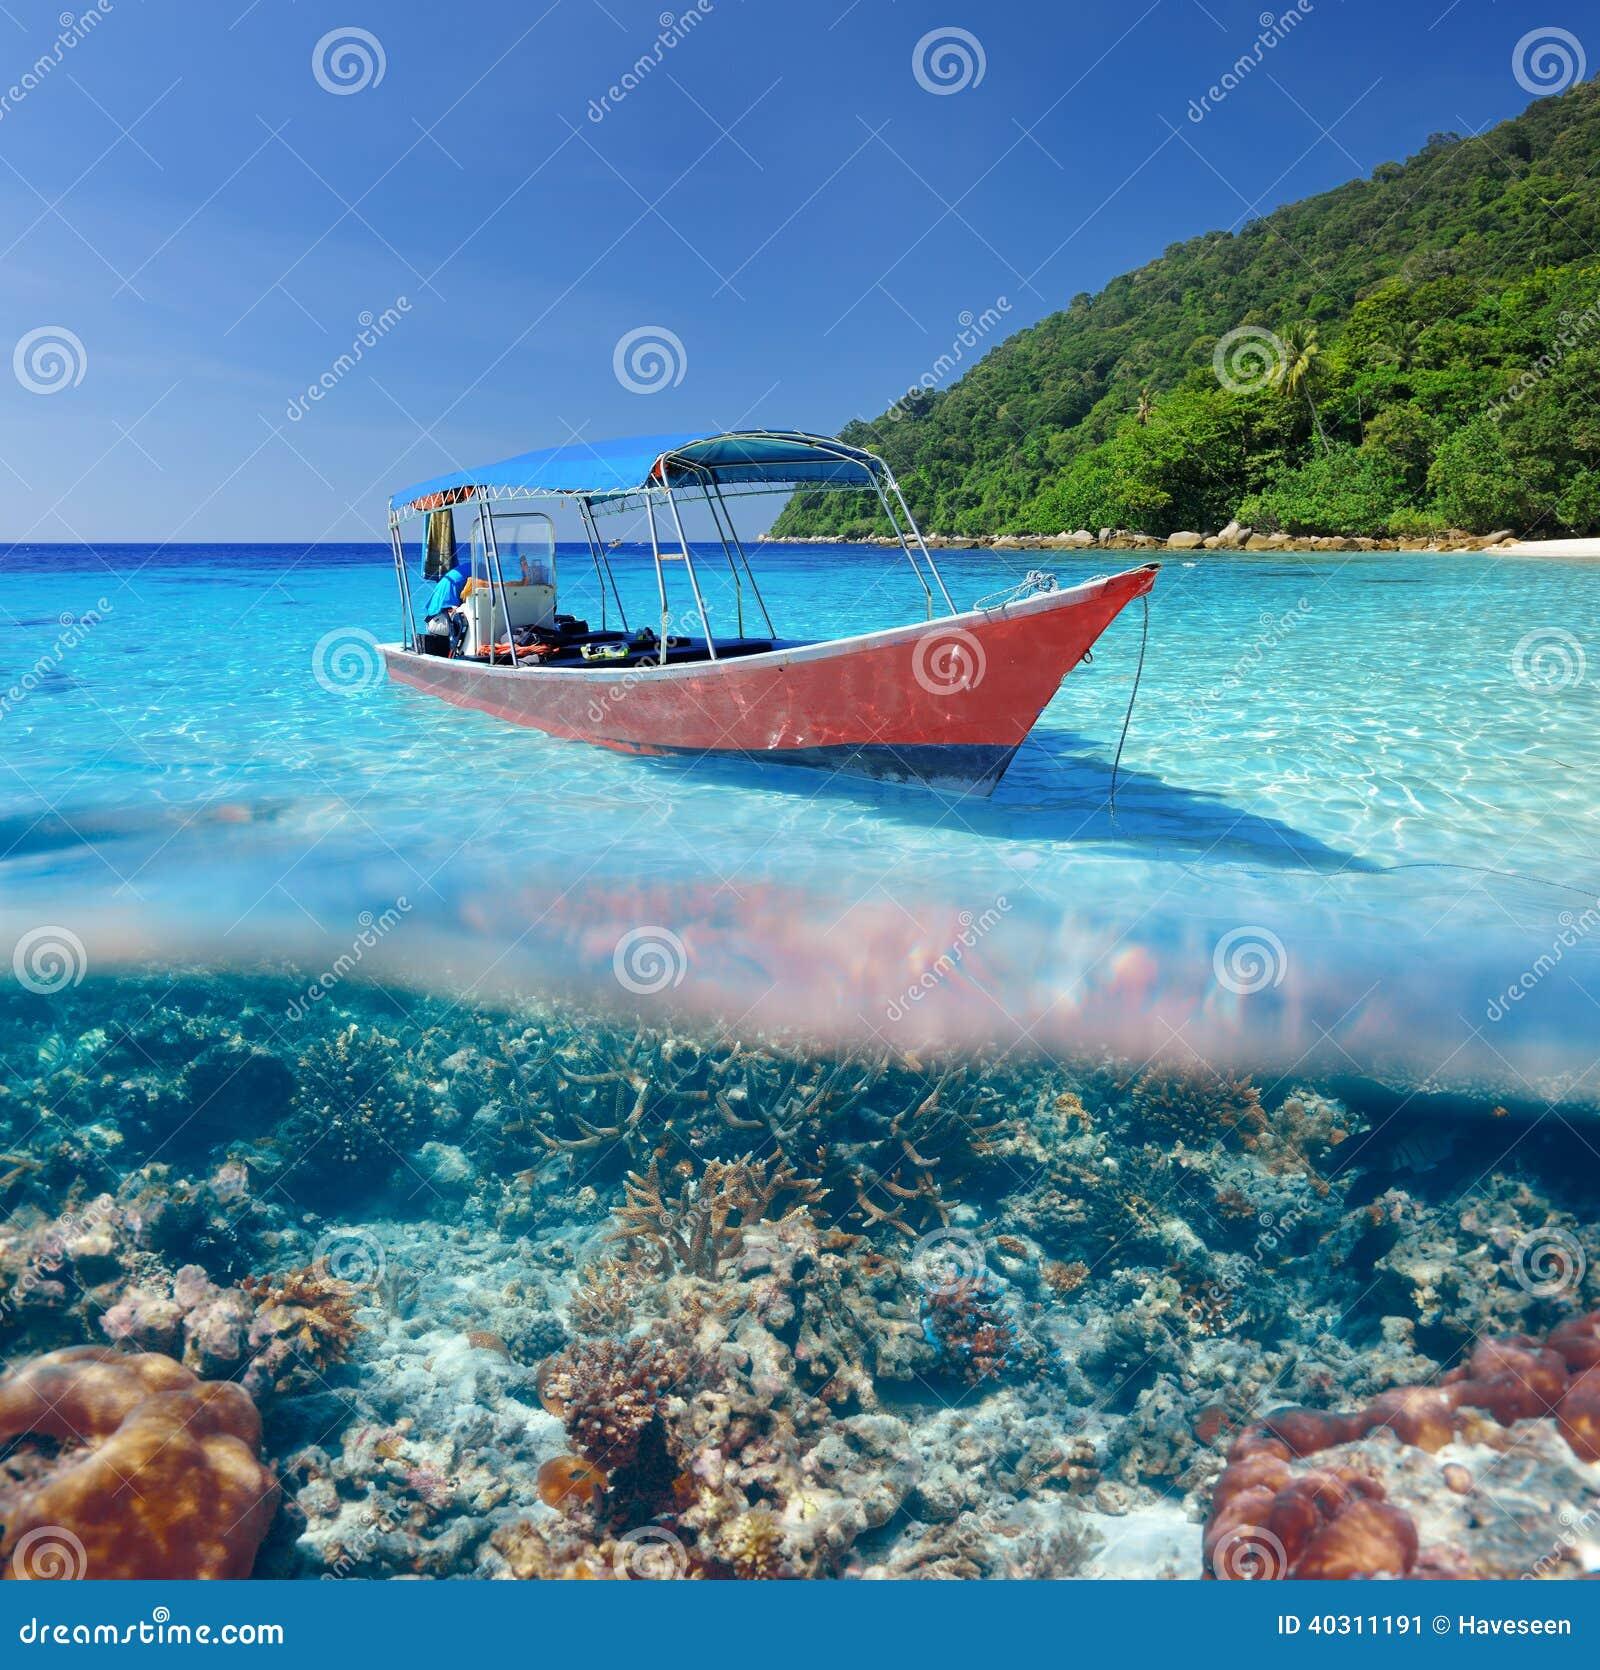 Spiaggia ed imbarcazione a motore con la vista subacquea della barriera corallina